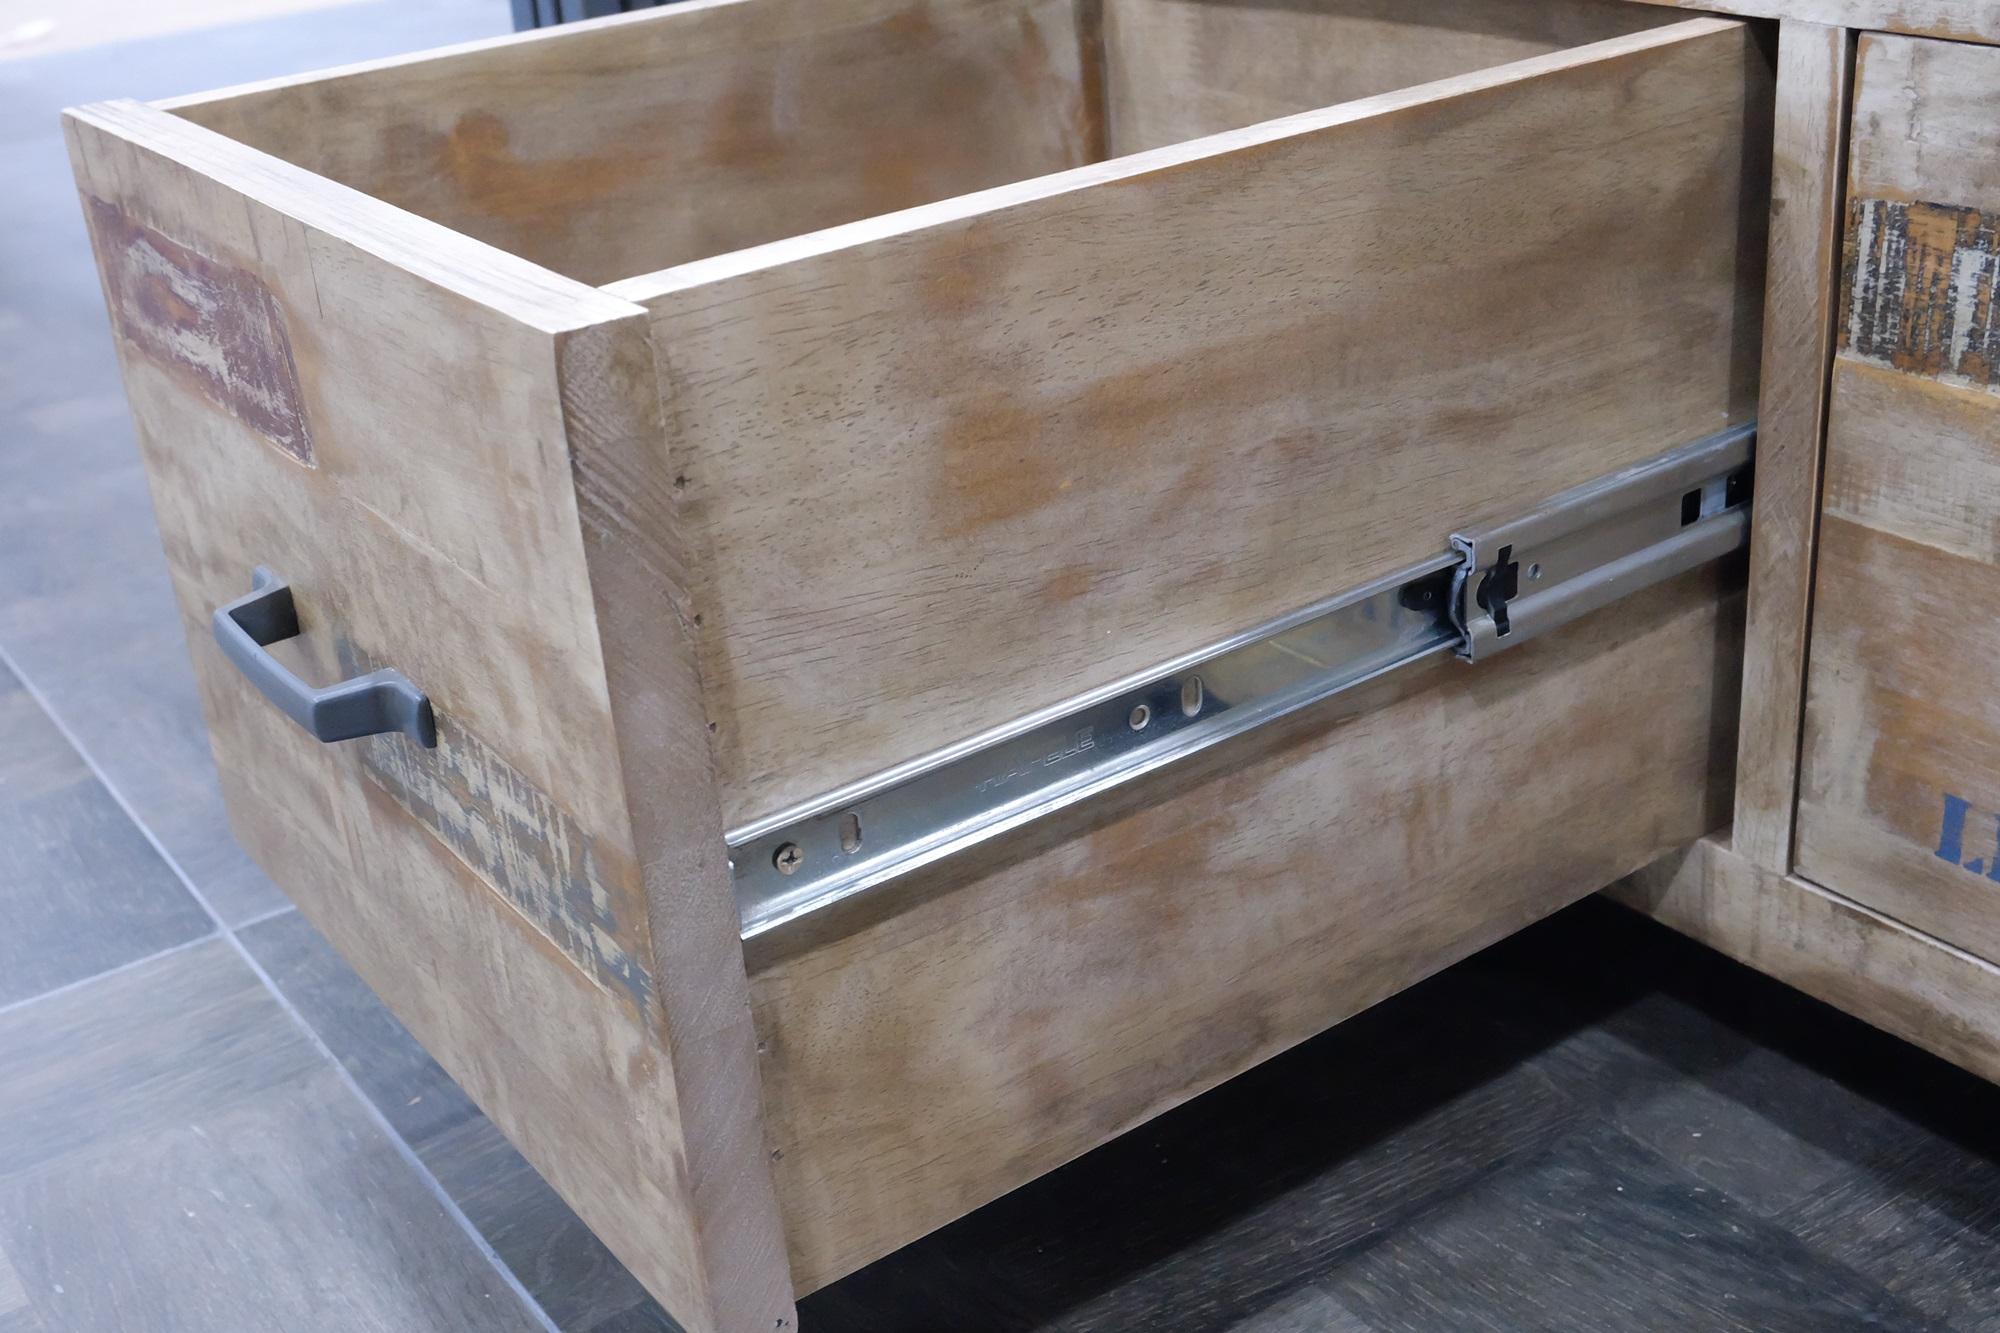 paravent 4 panneaux hevea recycle blanchi et metal noirci 160x170cm docker